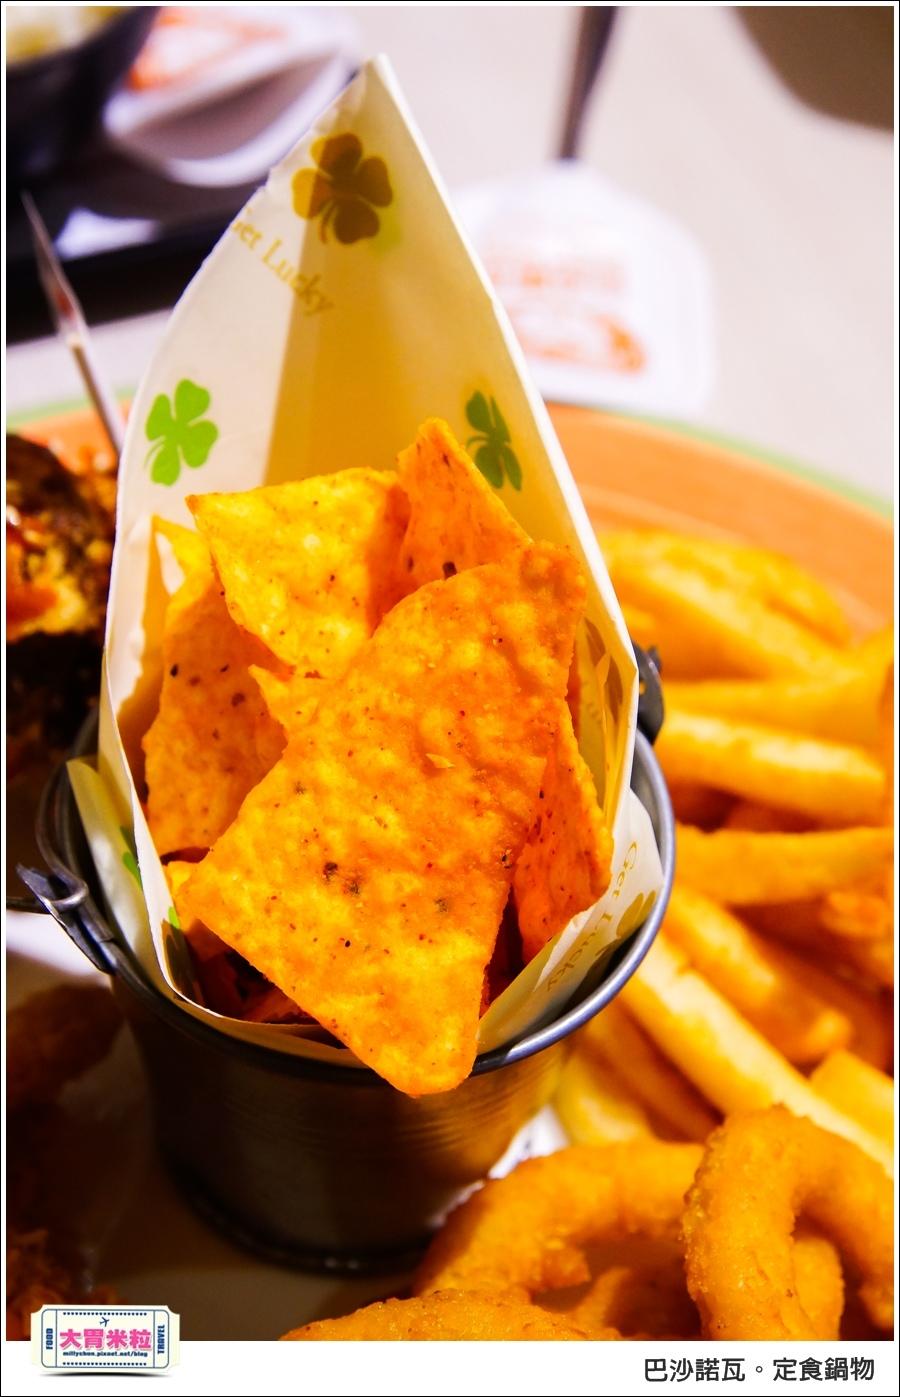 高雄巴沙諾瓦定食鍋物@高雄簡餐推薦@大胃米粒0037.jpg